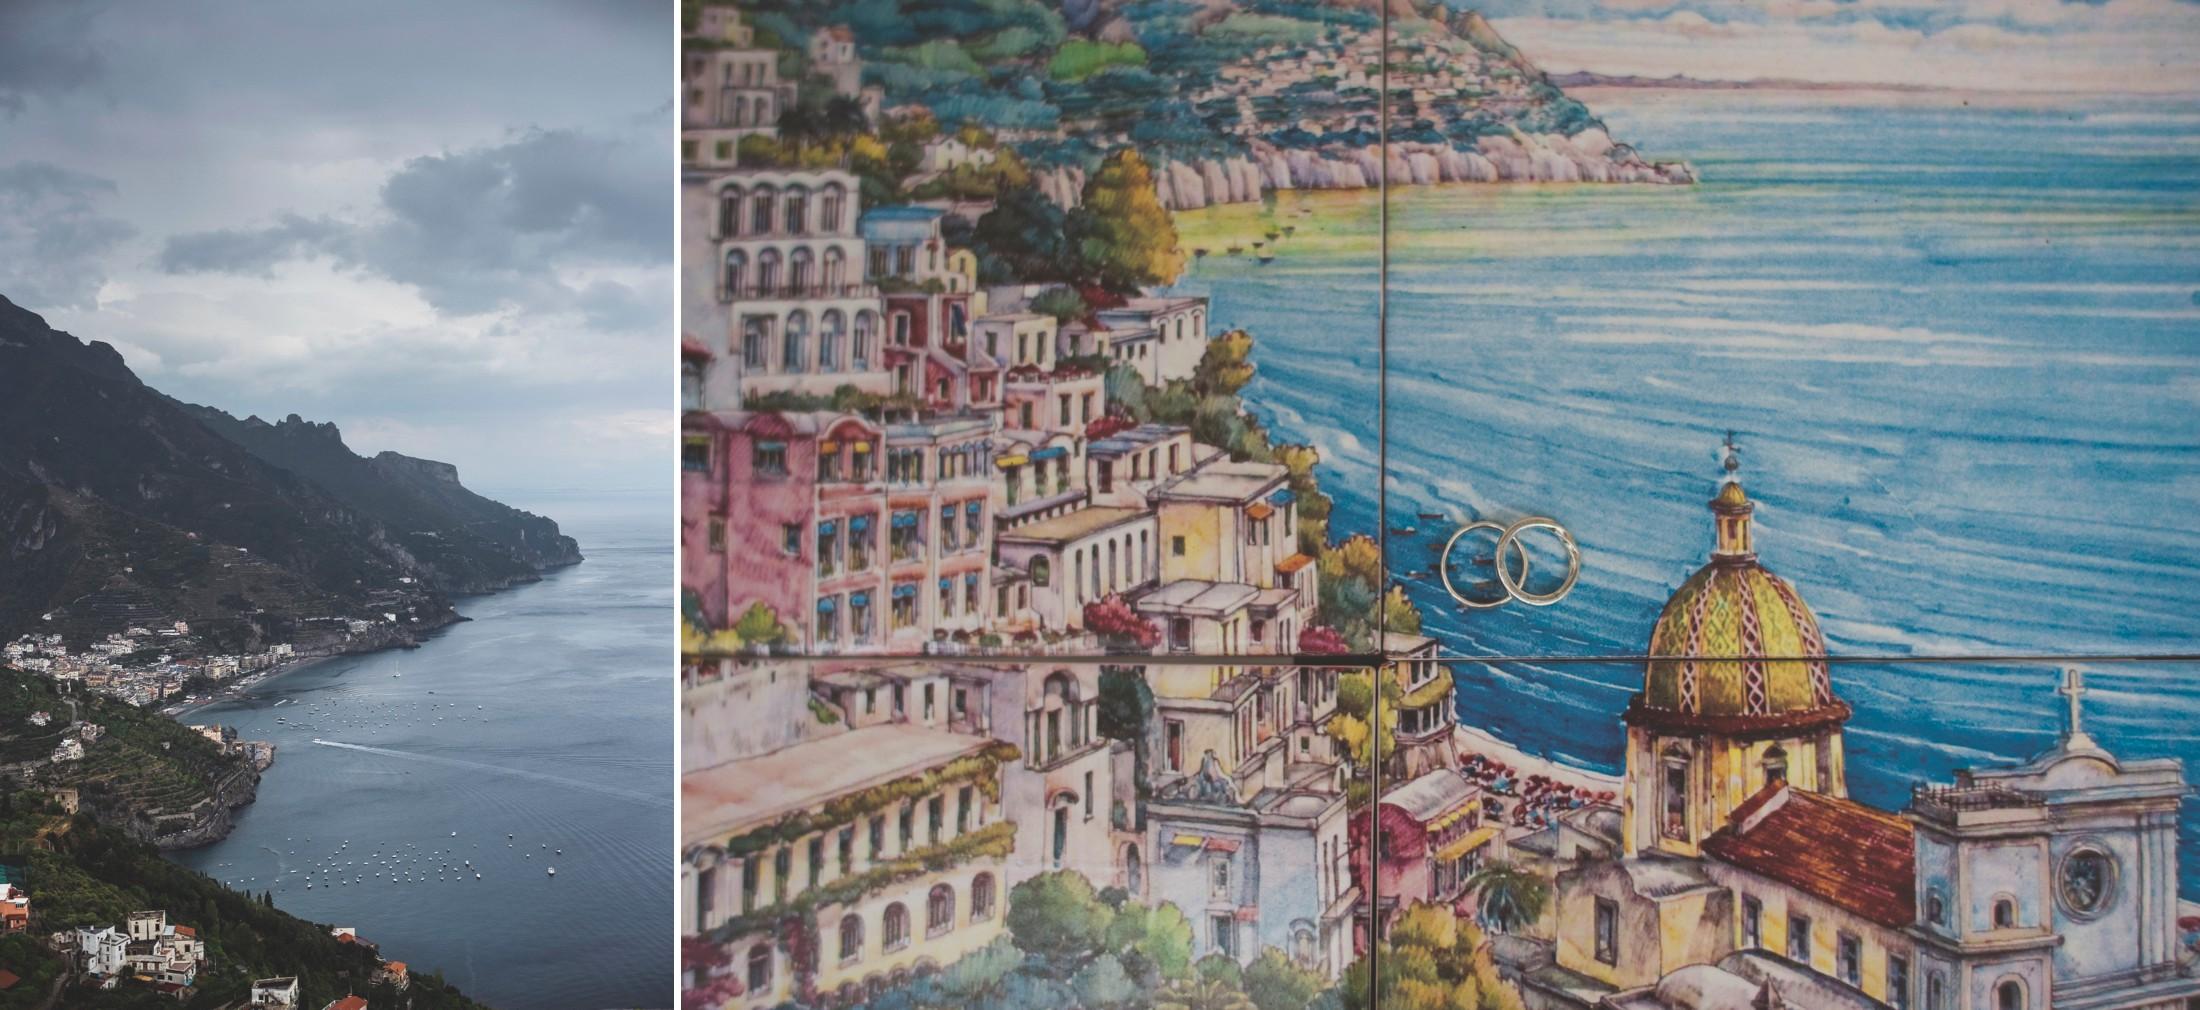 wedding on the amalfi coast collage landscape and wedding rings